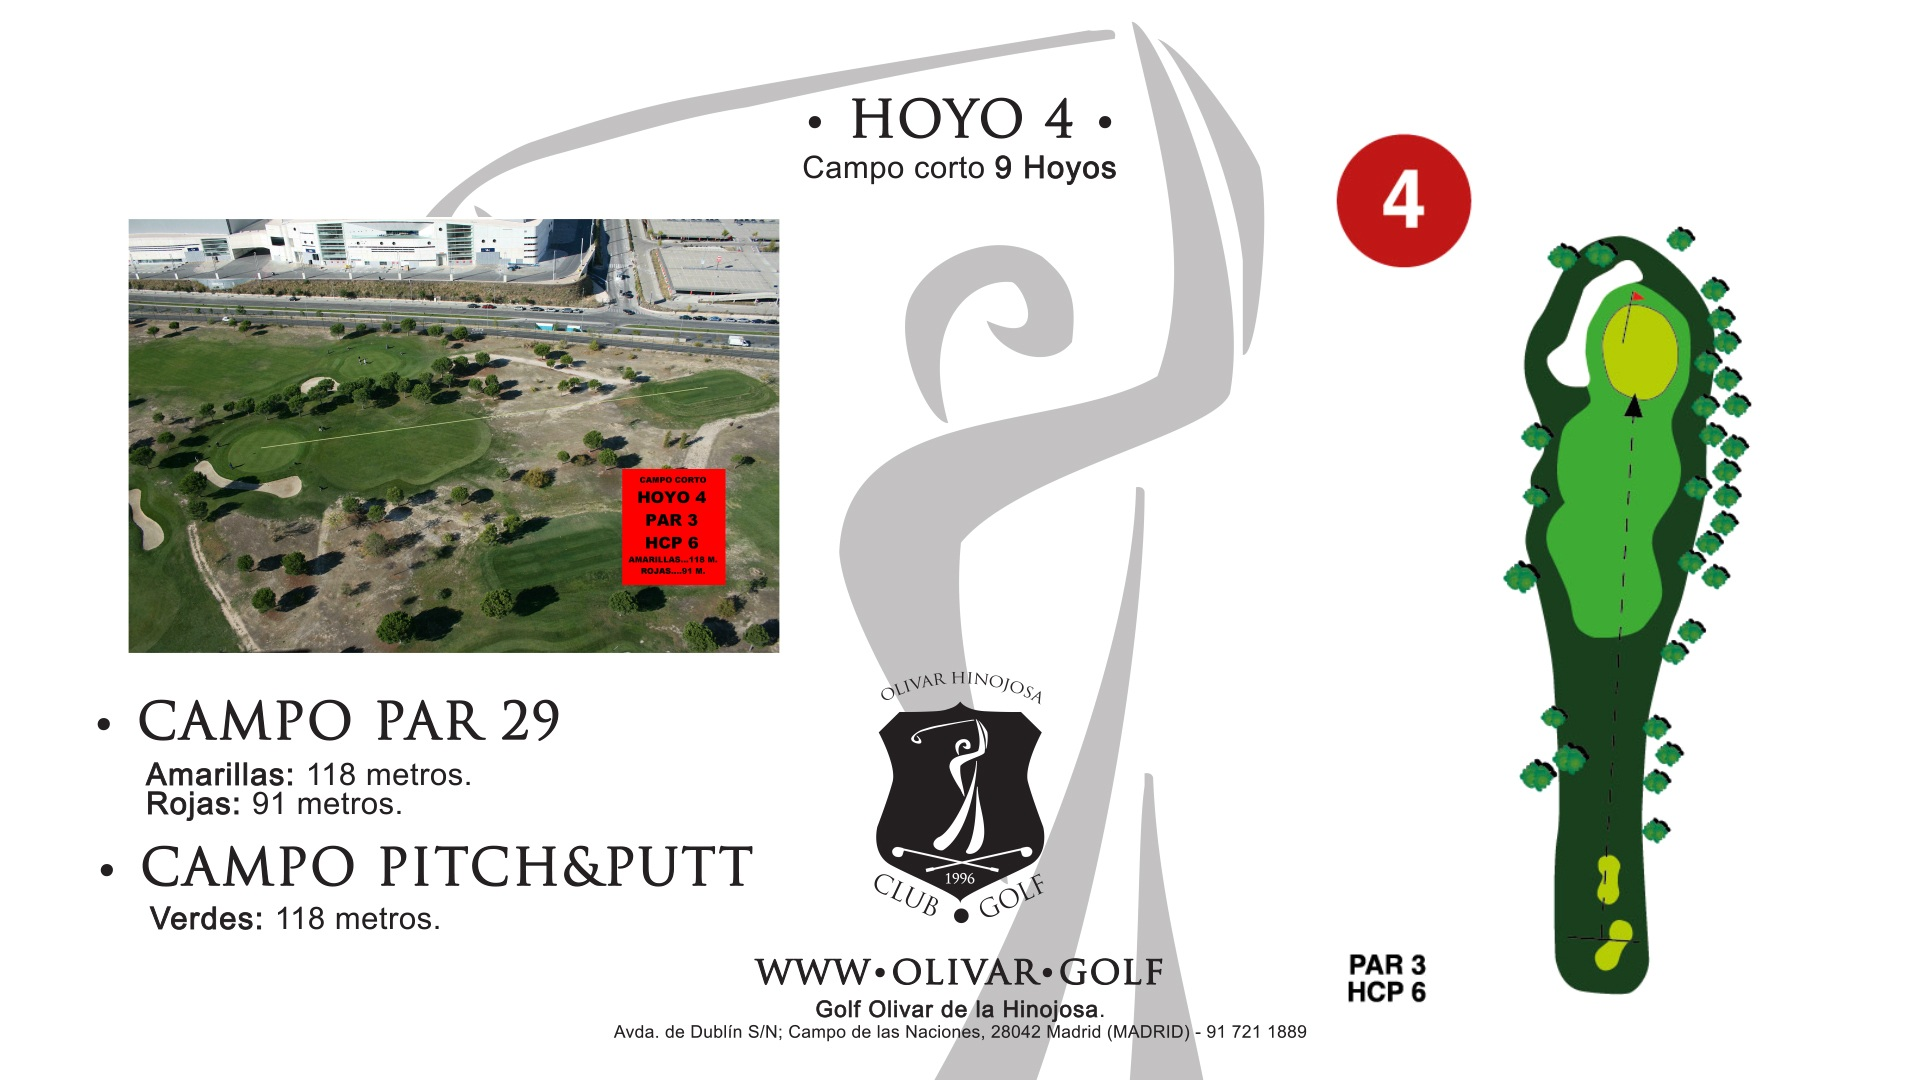 Hoyo 4 Olivar de la Hinojosa